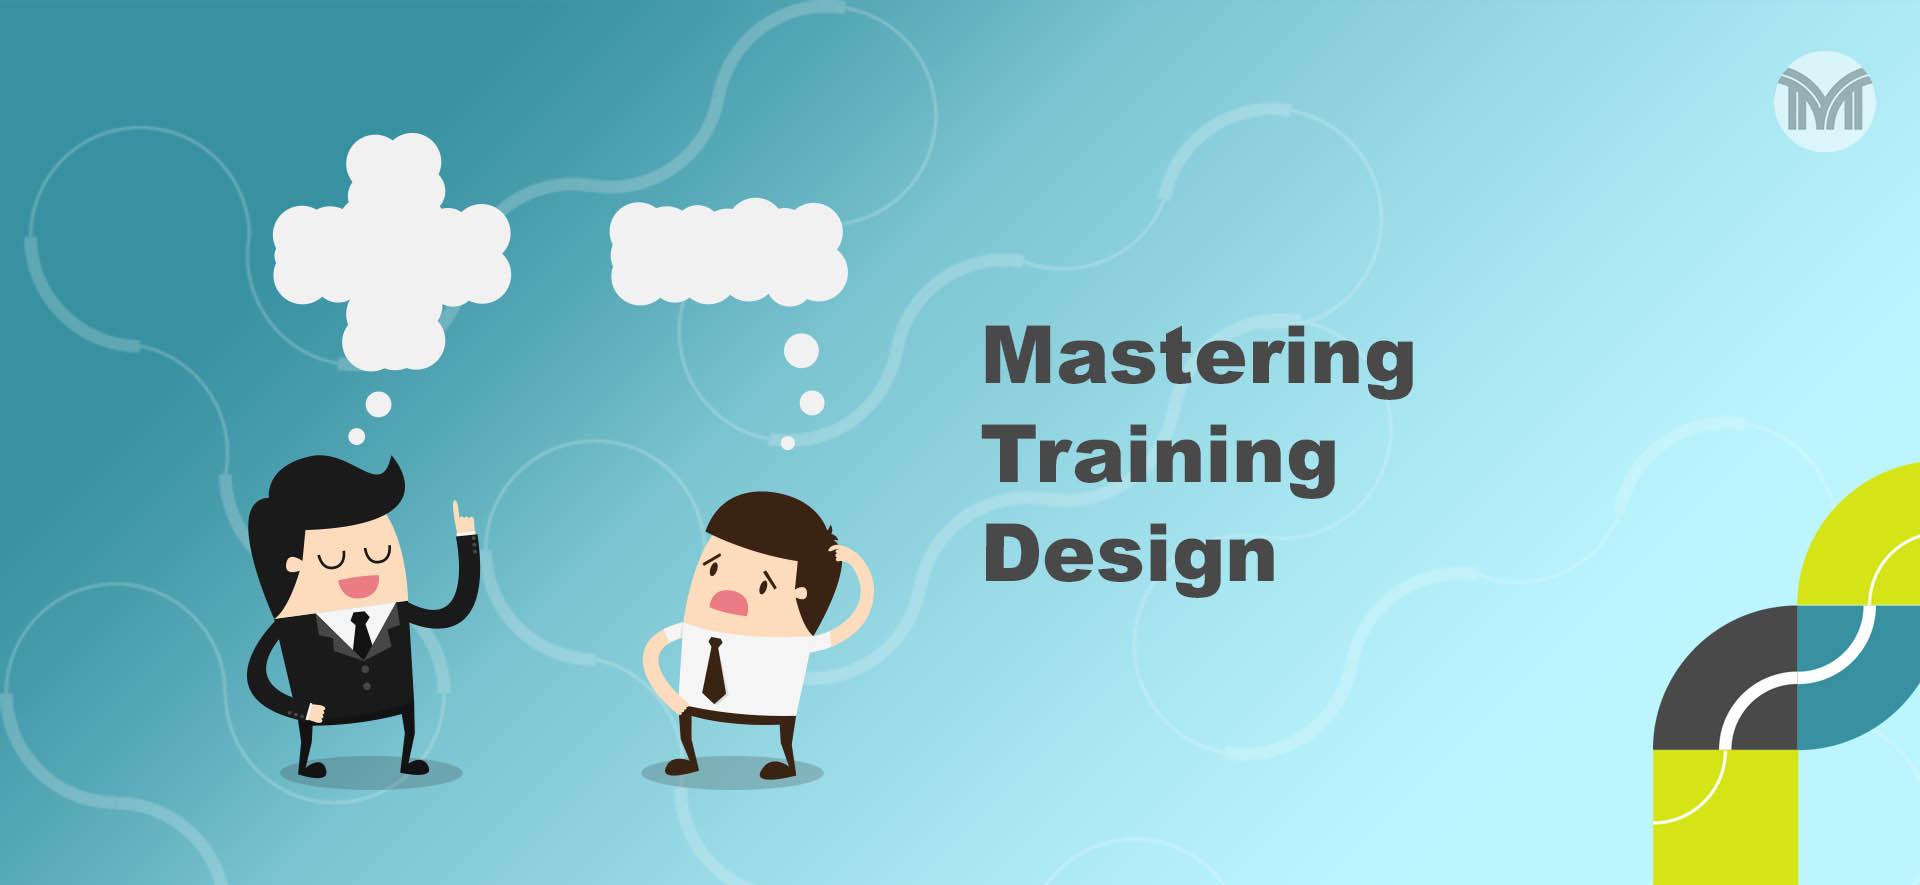 Bespoke training design | Sales training in India | Mercuri